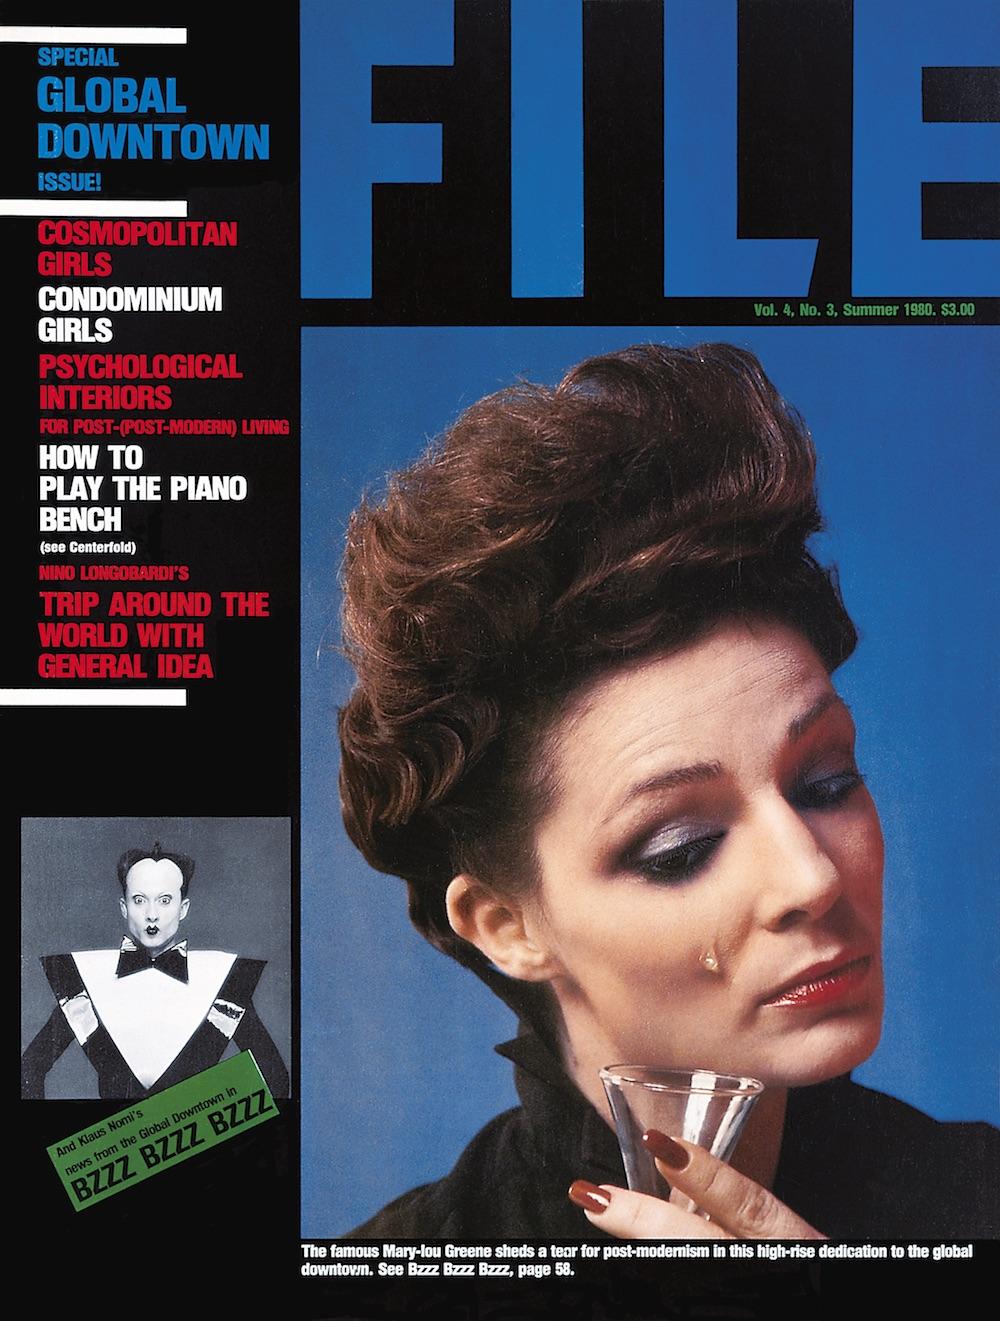 File magazine, Vol 4, No3, summer 1980